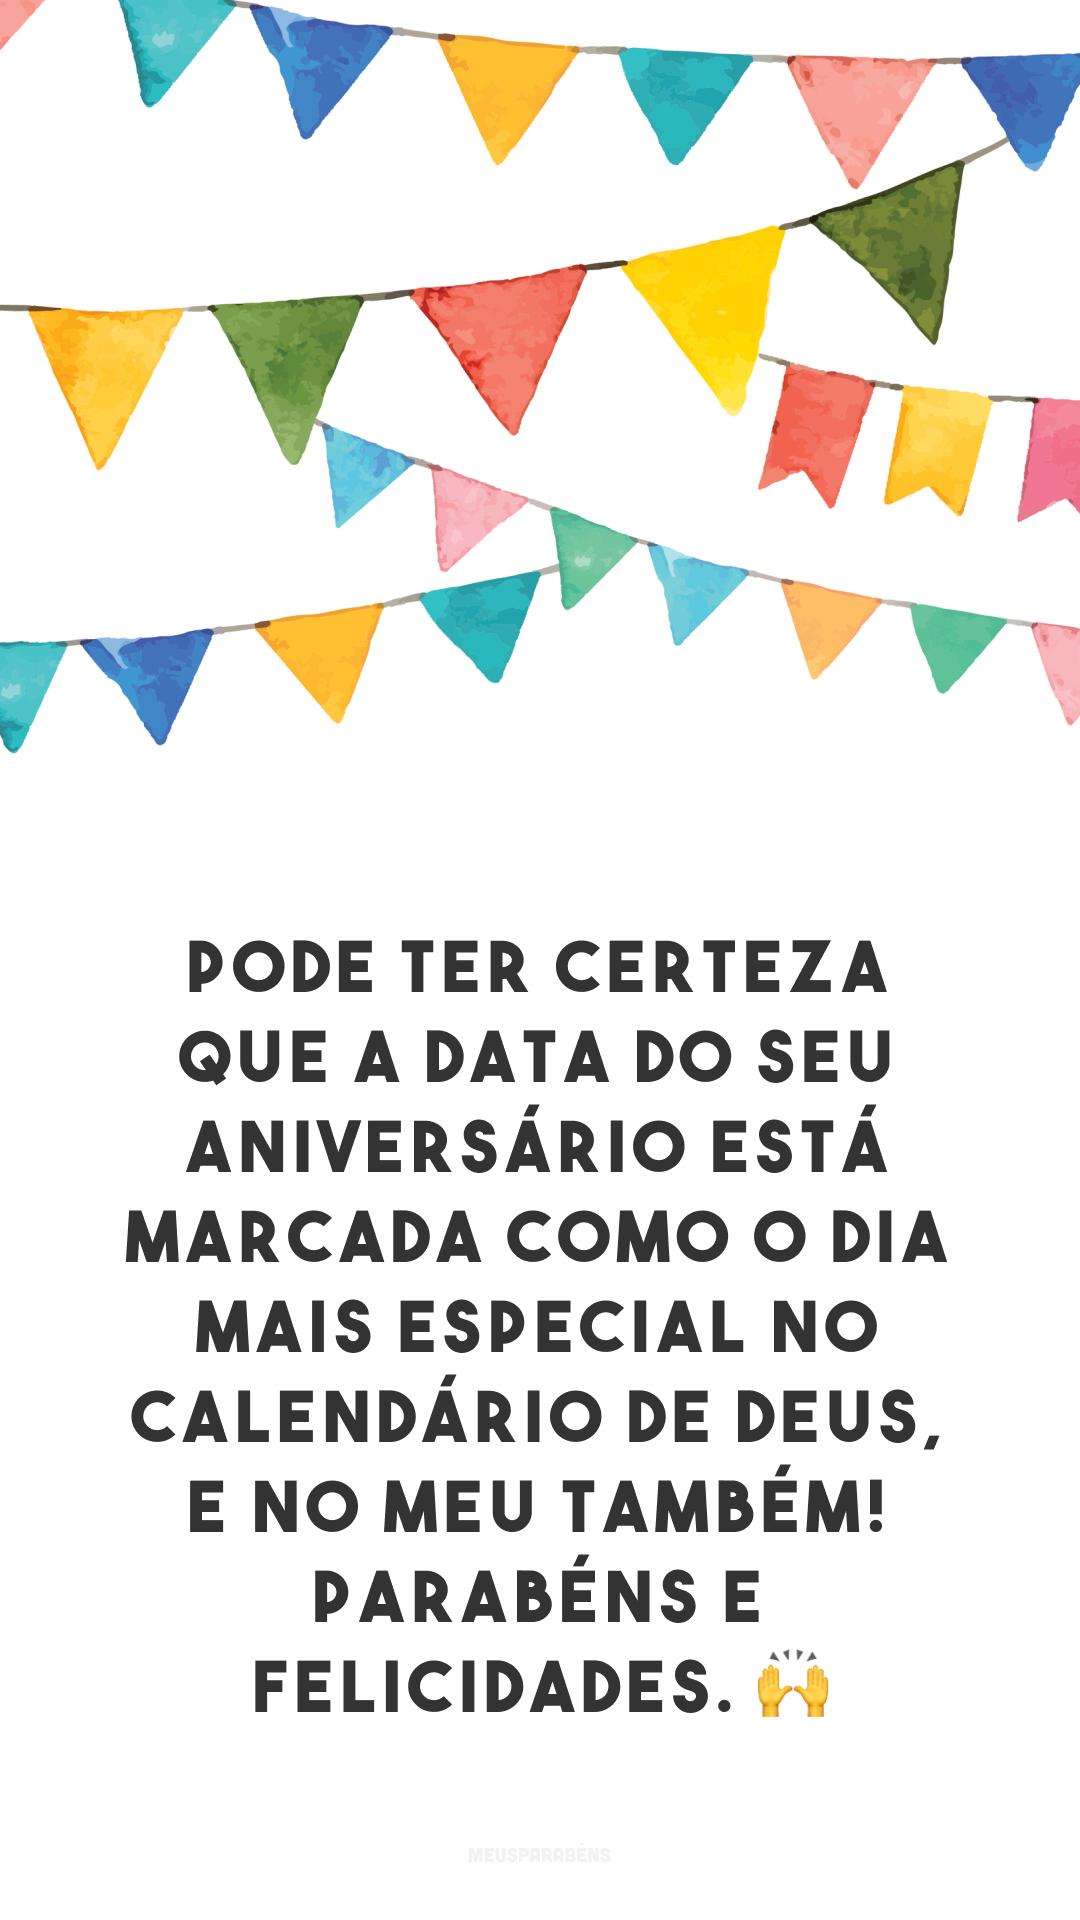 Pode ter certeza que a data do seu aniversário está marcada como o dia mais especial no calendário de Deus, e no meu também! Parabéns e felicidades. 🙌